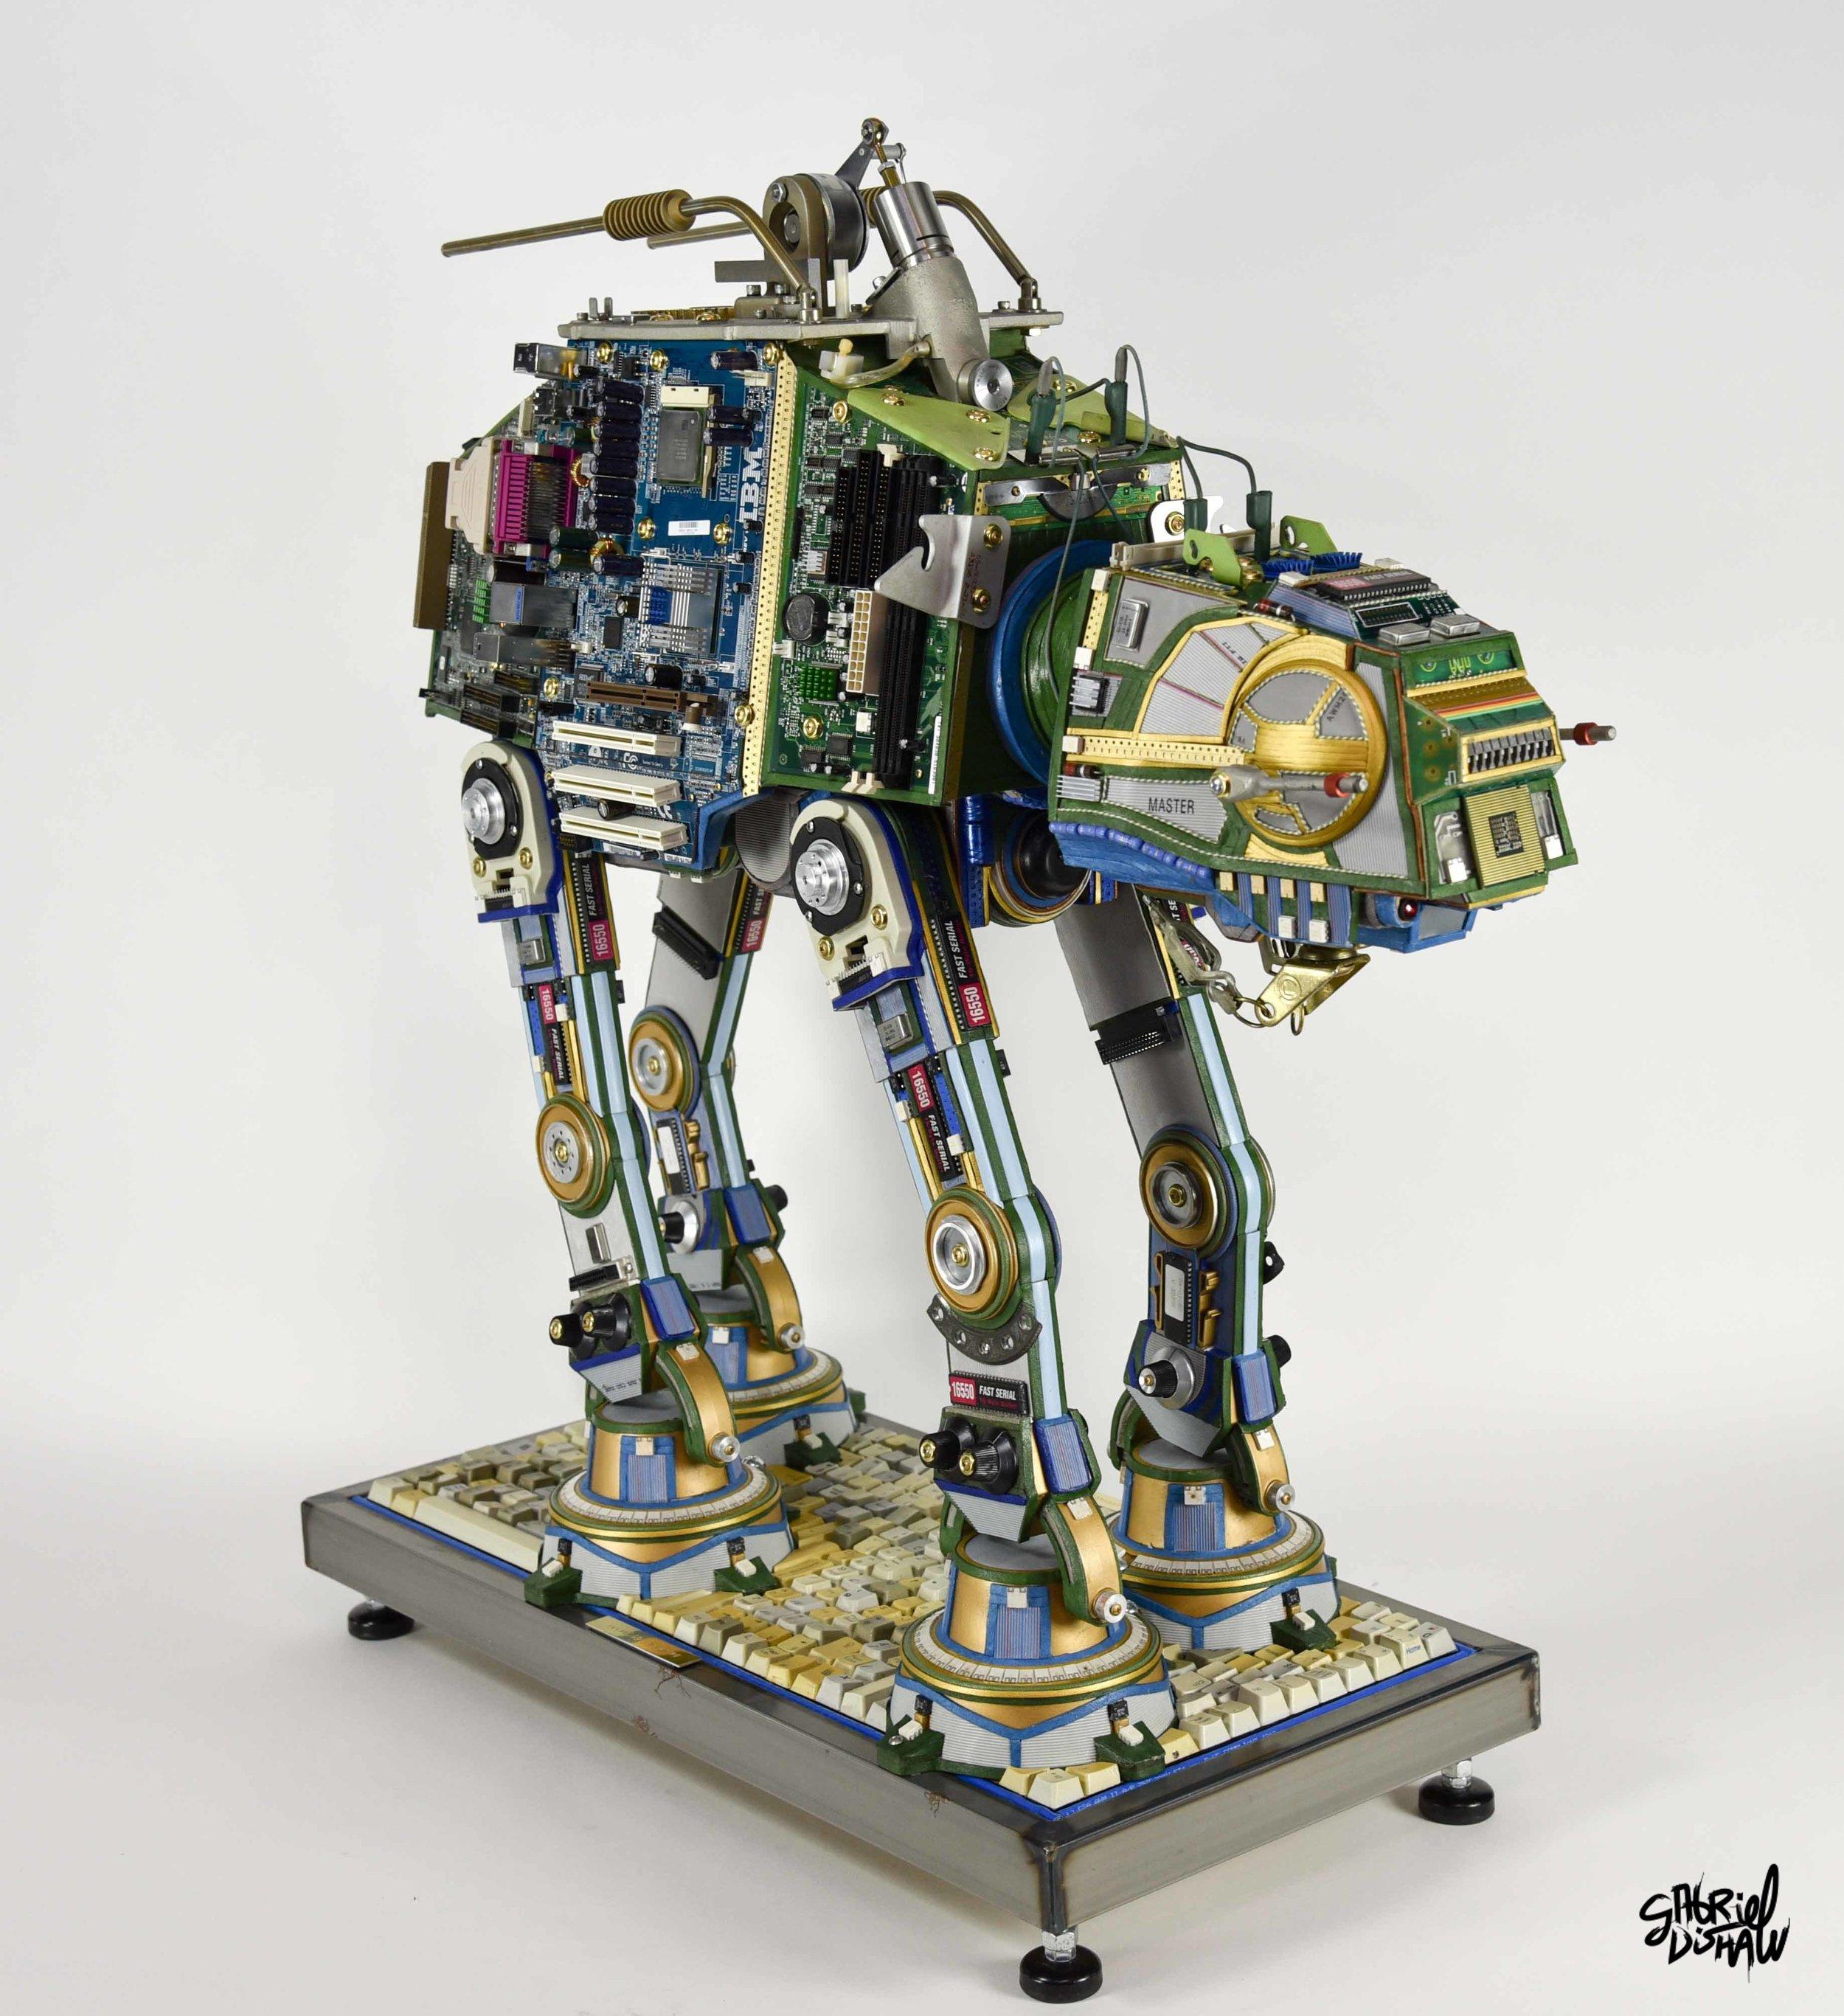 Gabriel Dishaw Upcycled AT-AT TWO-3703.jpg